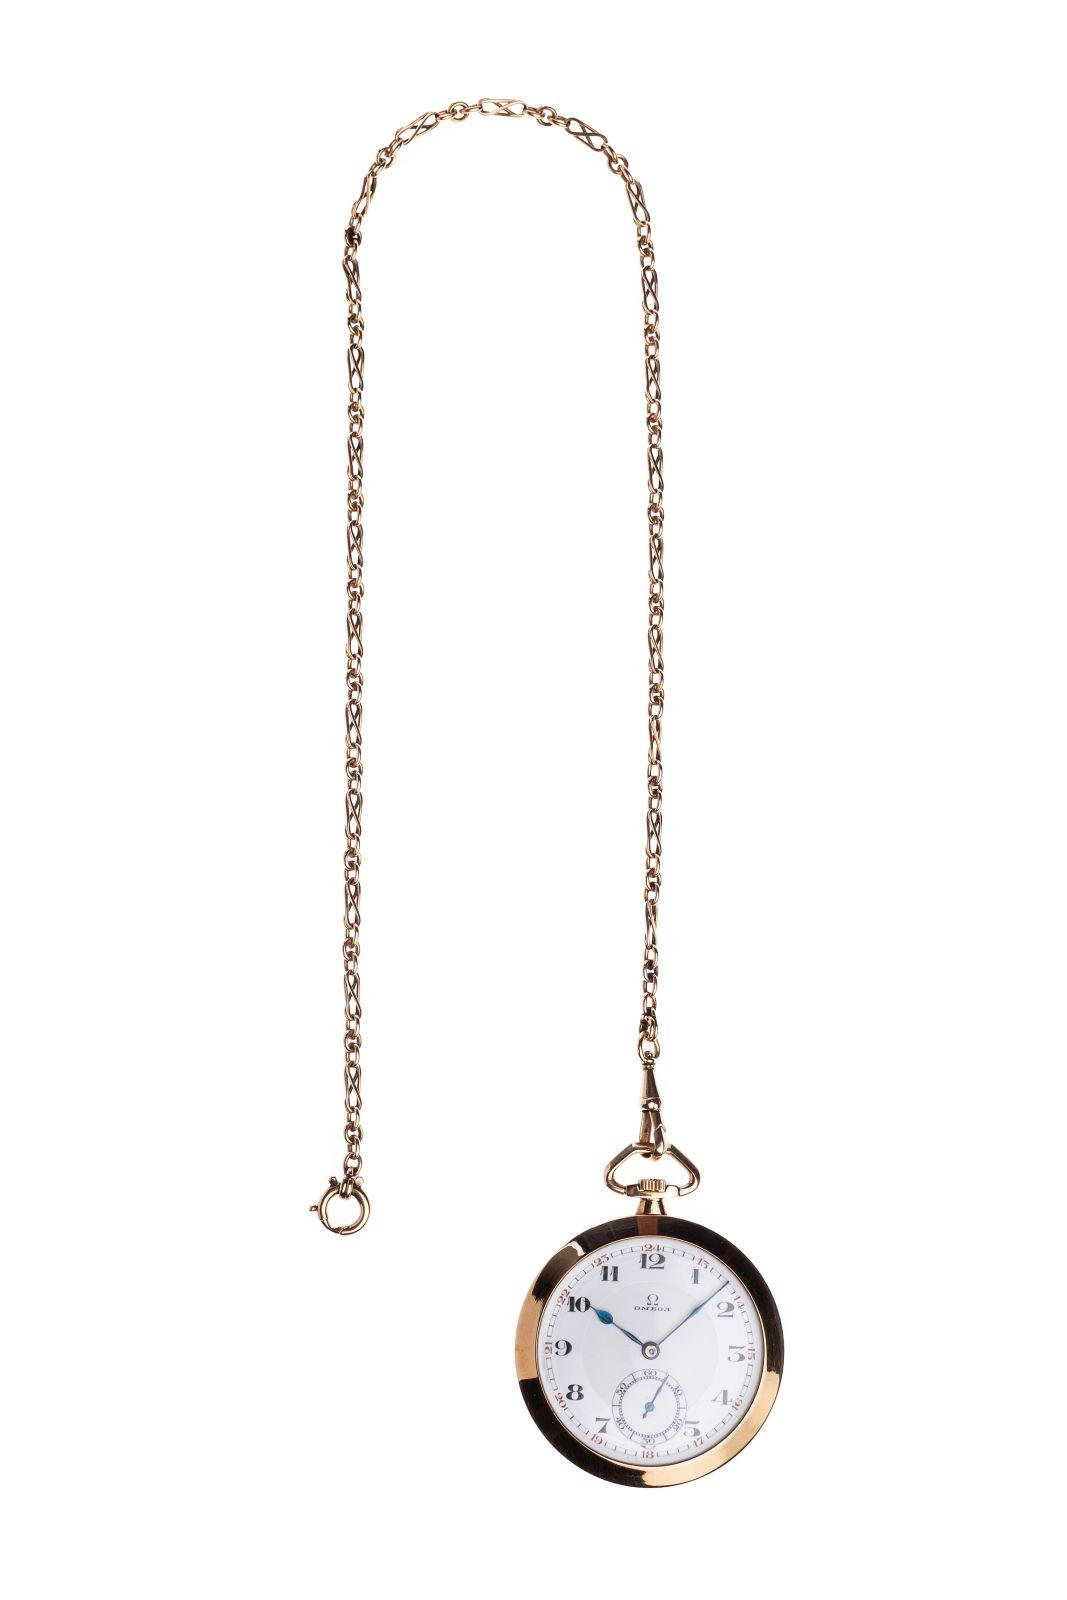 #15 Omega dress watch | Omega Frack Uhr Image